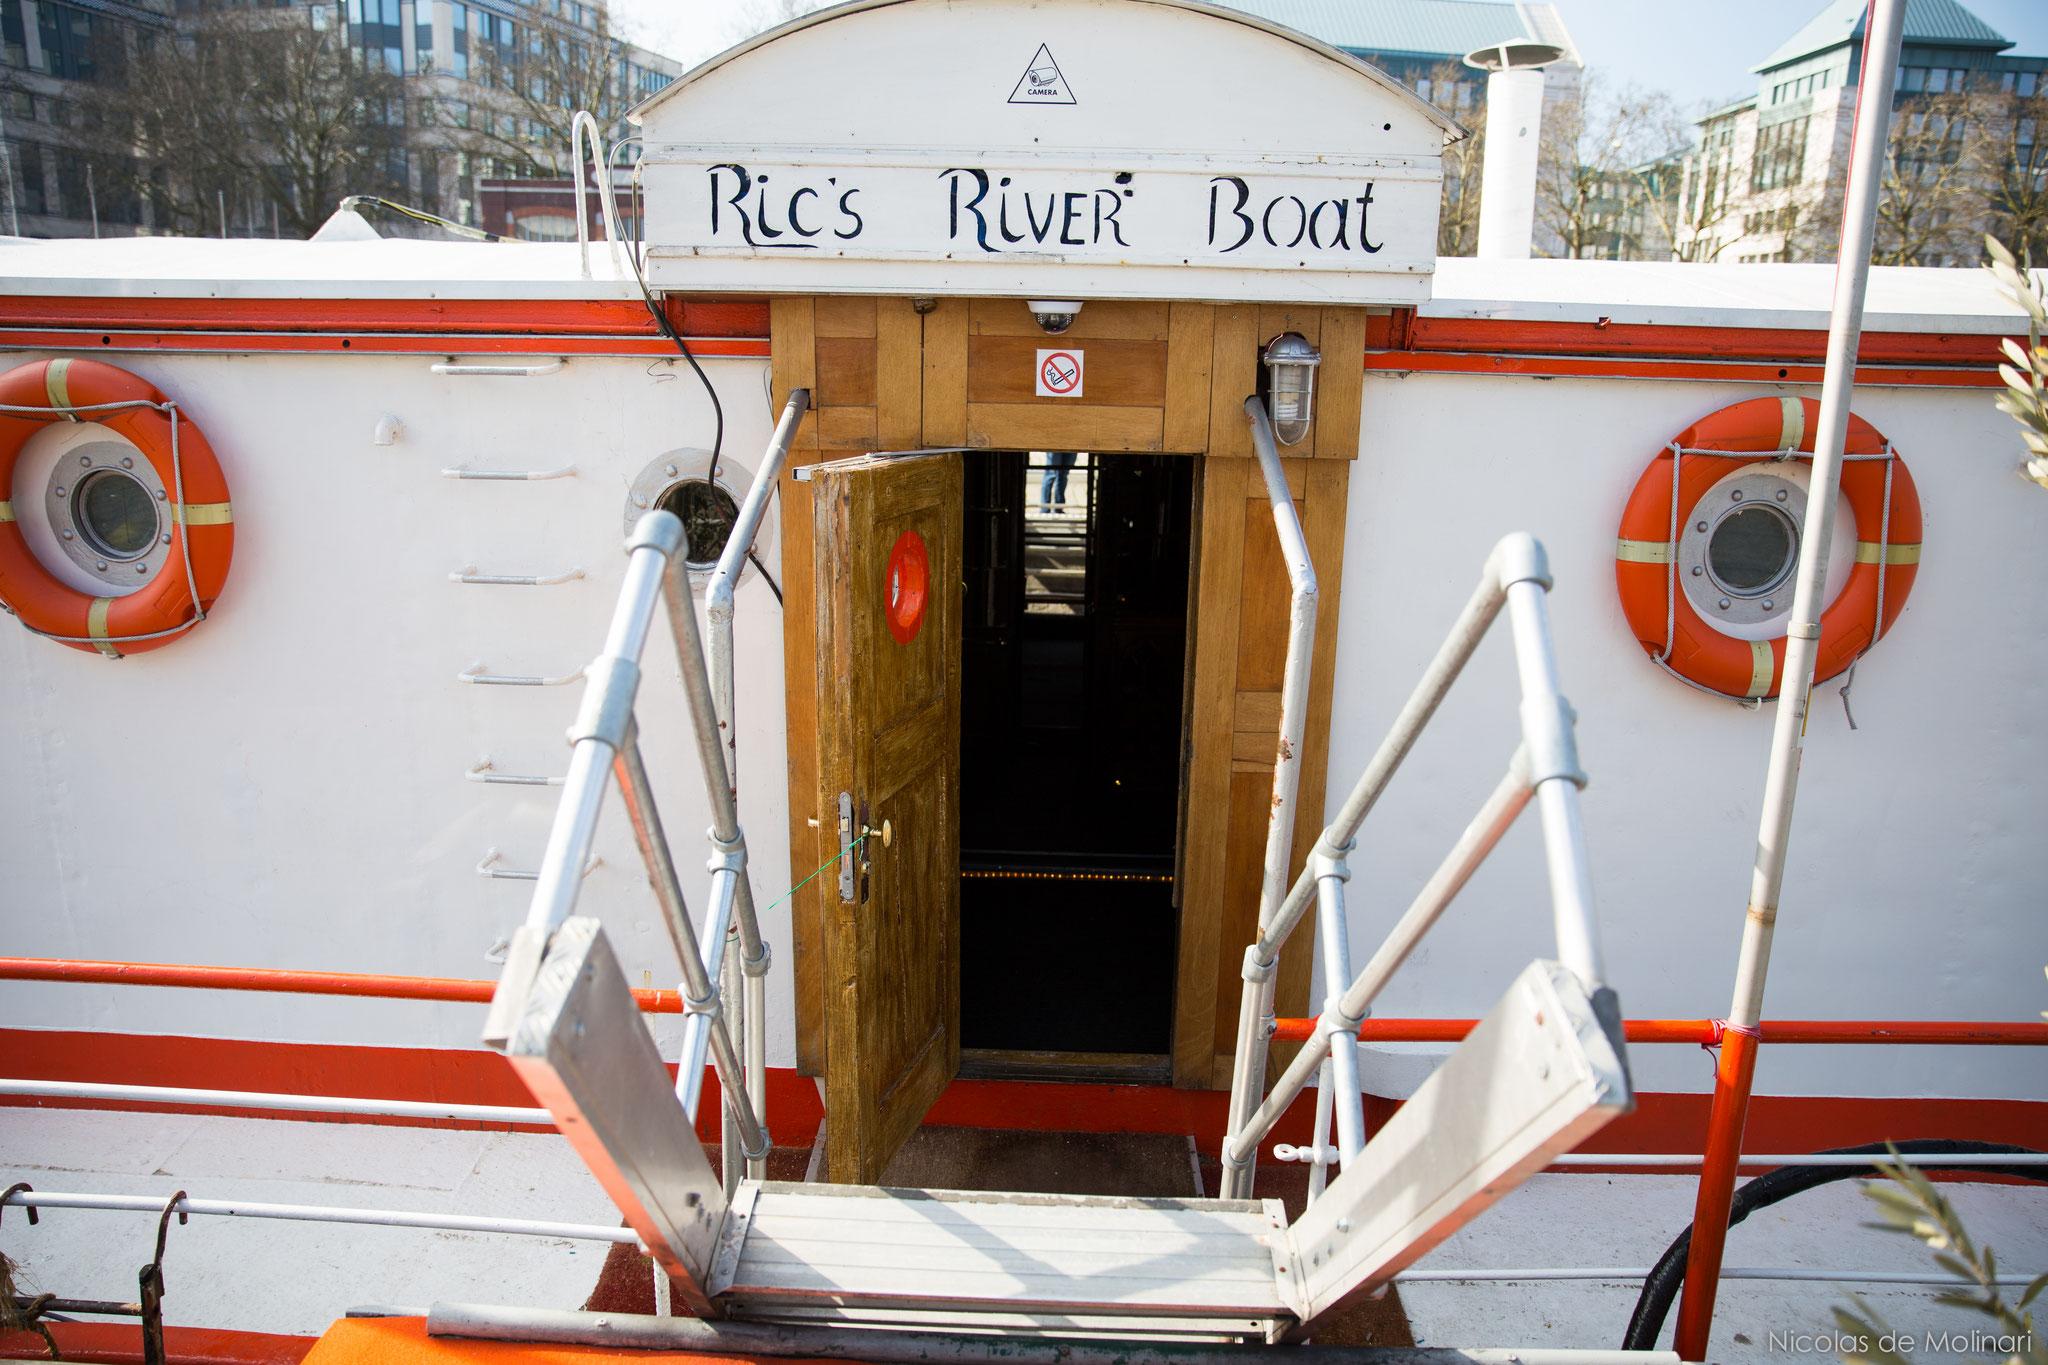 bateau réunions bruxelles